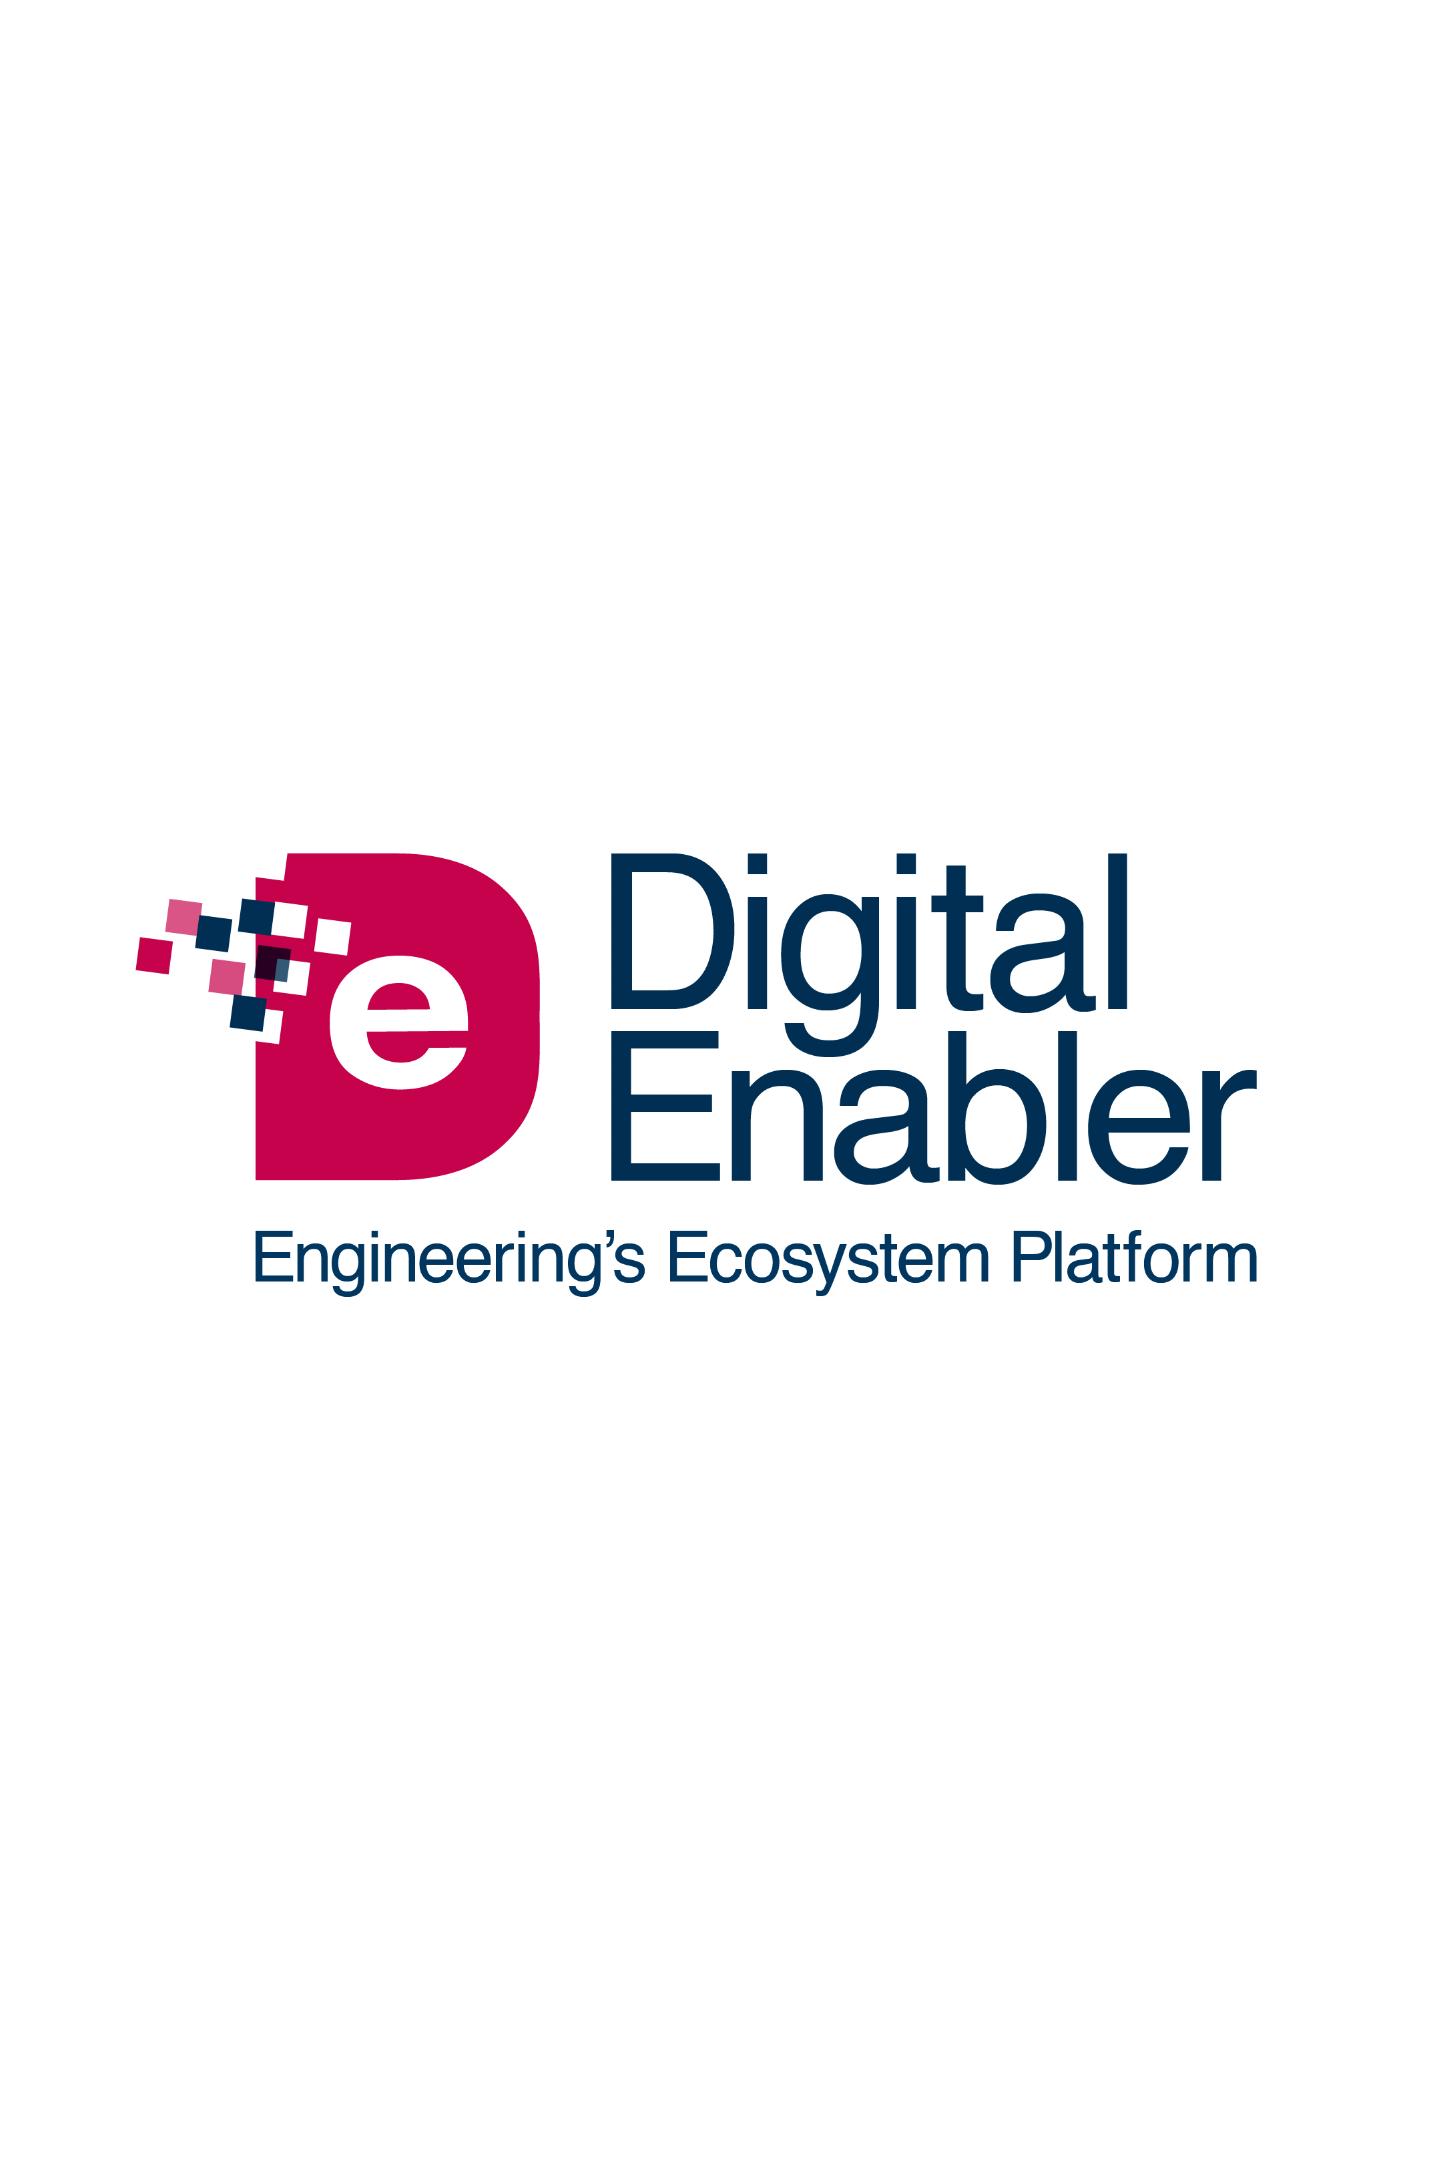 Digital-enabler-720x1080@2x.png